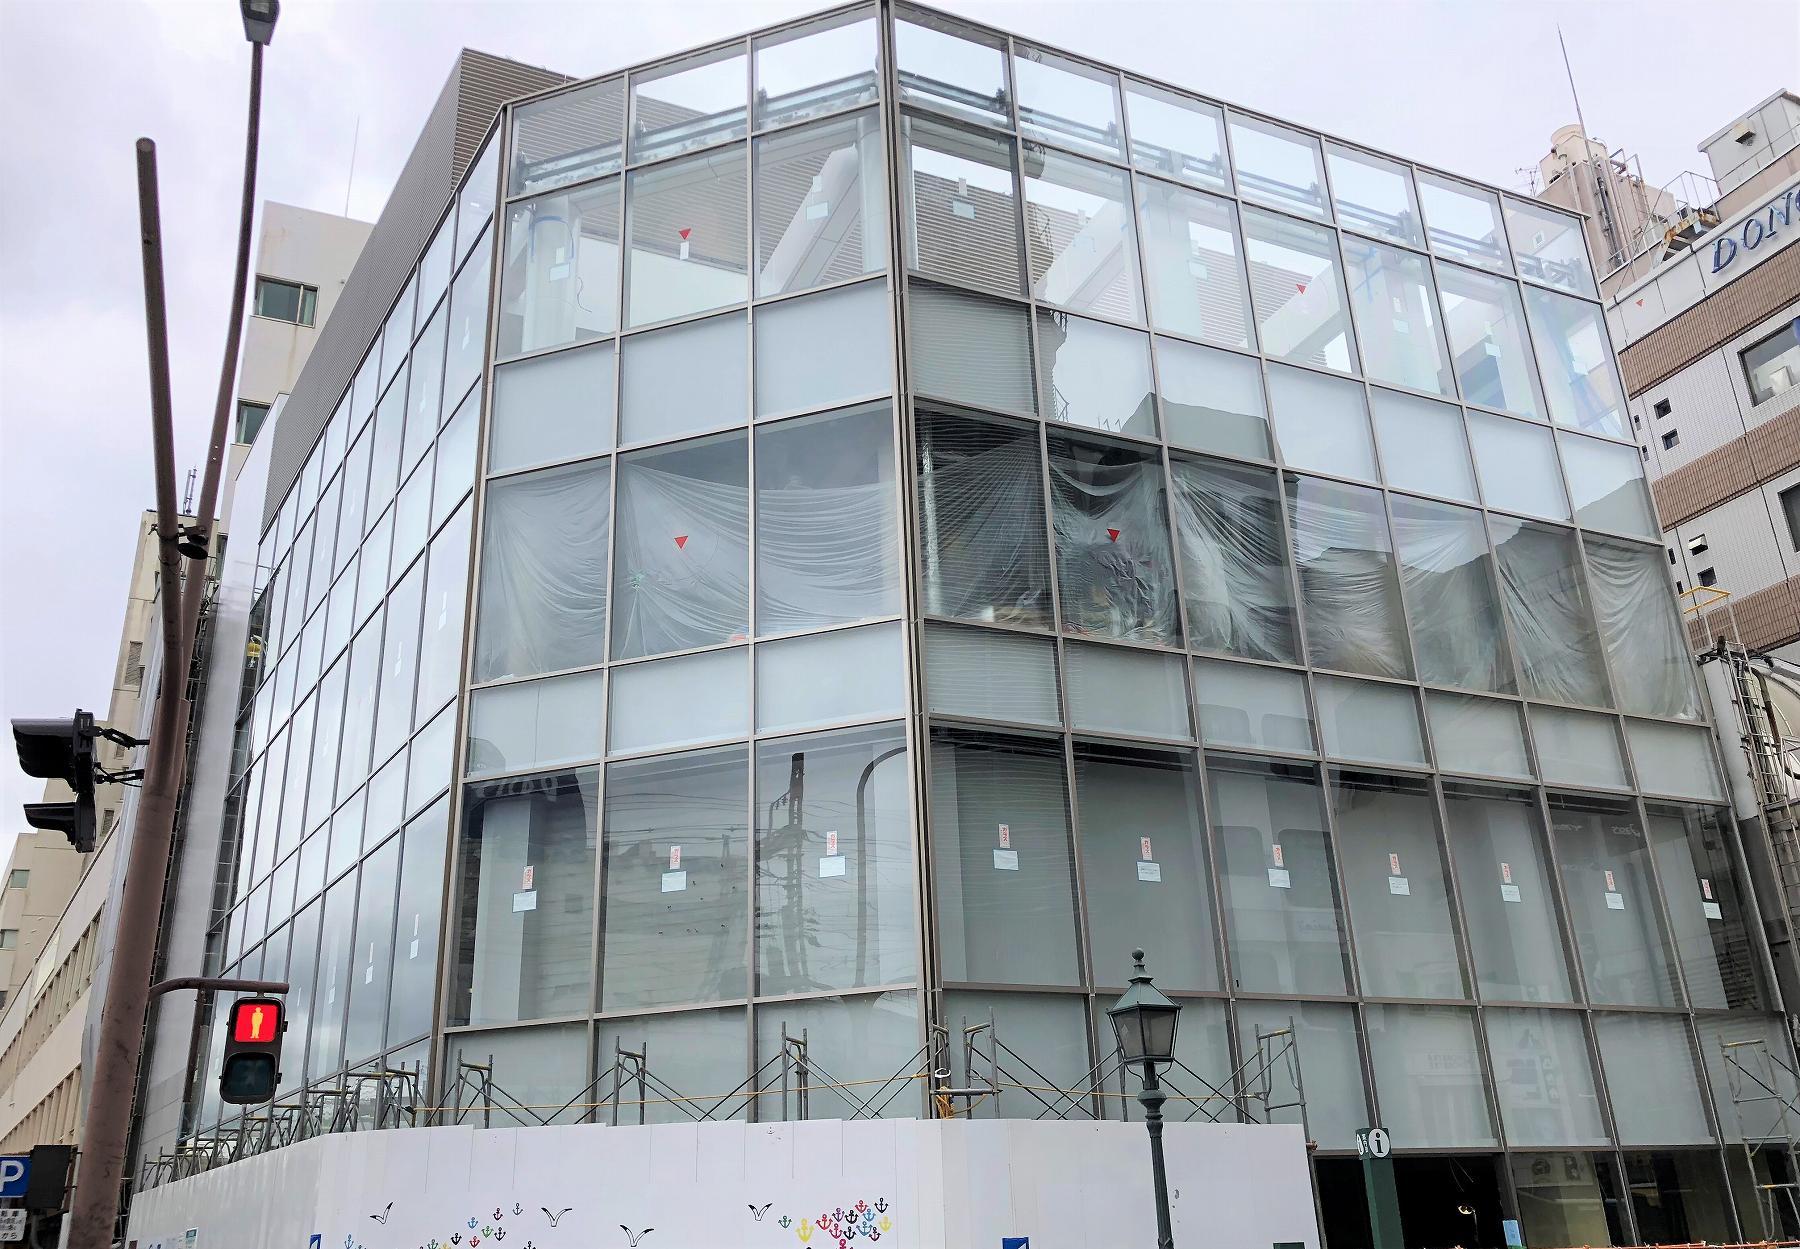 神戸三宮の新商業施設「三宮ゼロゲート」が2018年9月14日(金)にオープン!現在工事中の様子を見てきた! #新規オープン #三宮ゼロゲート #三宮センター街 #パルコ #商業施設 #神戸メディテラス